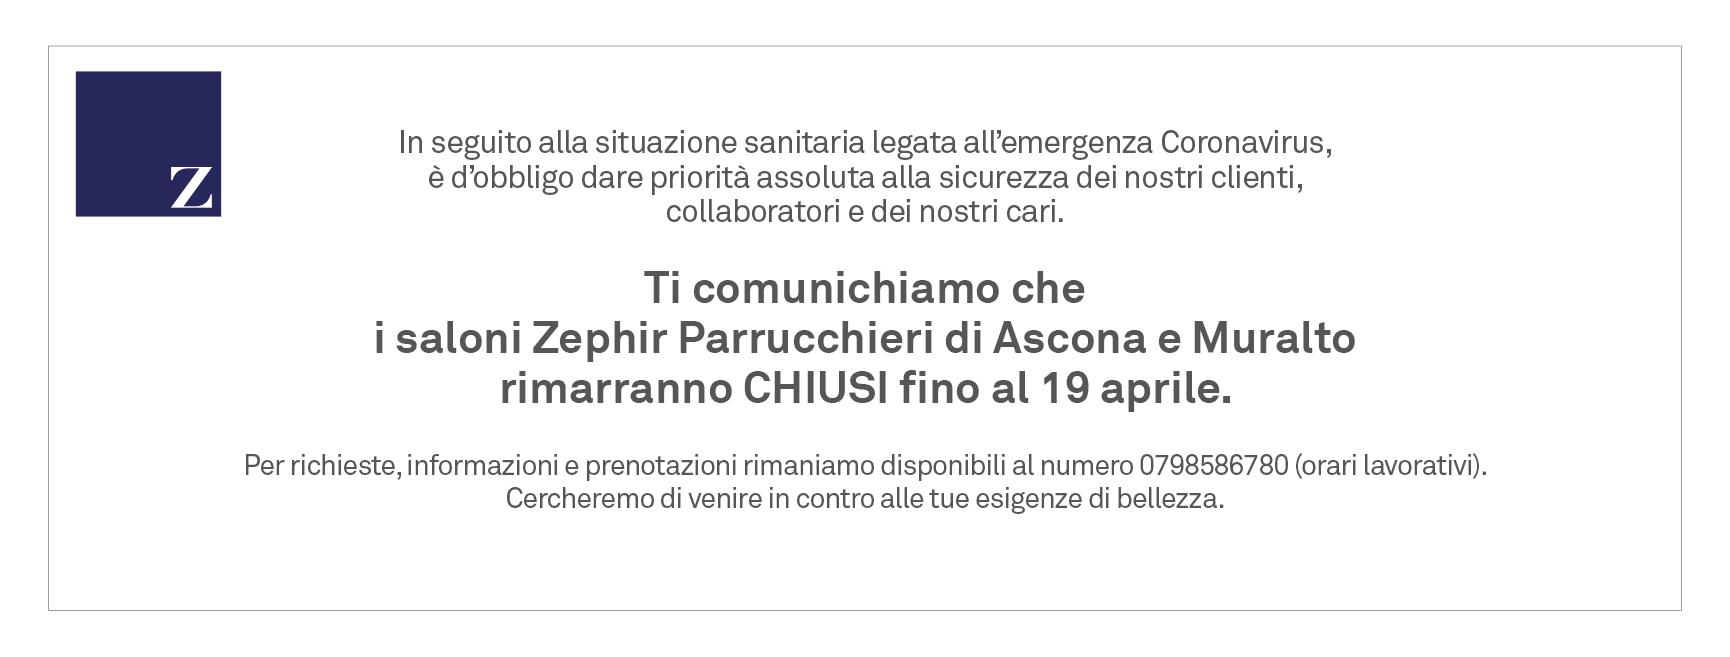 chiusura-zephir-parrucchieri-ascona-muralto